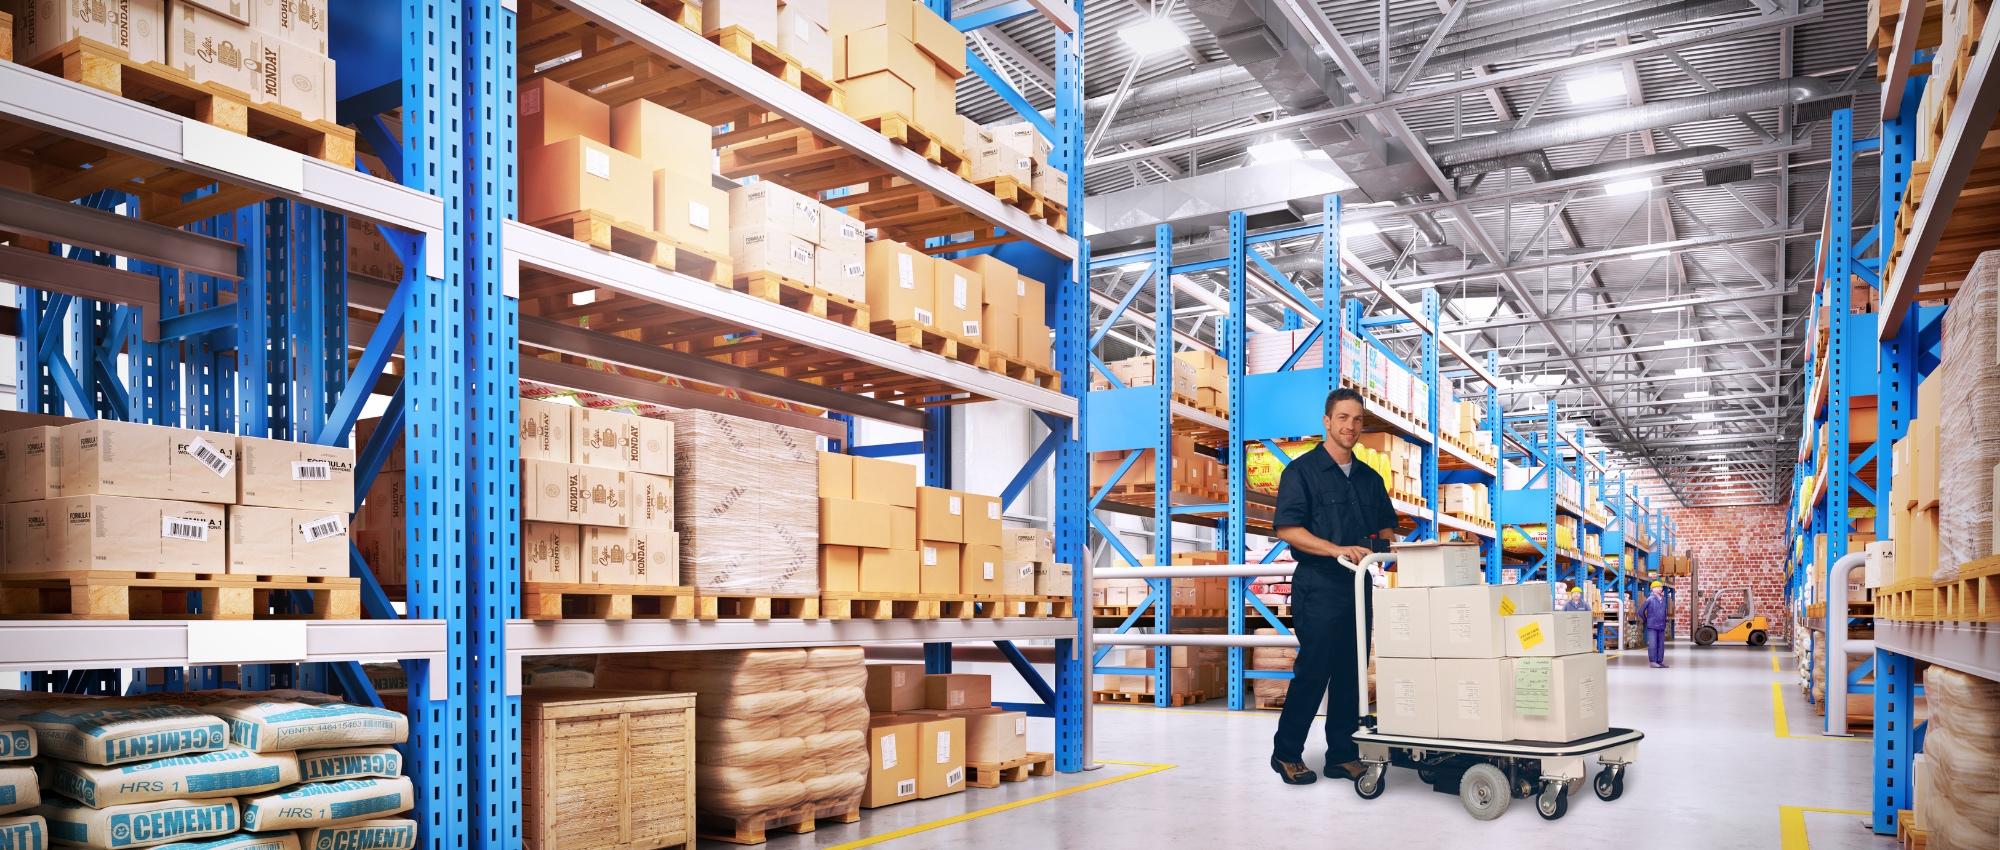 Manufacturing Worker Pushing Motorized Platform Cart